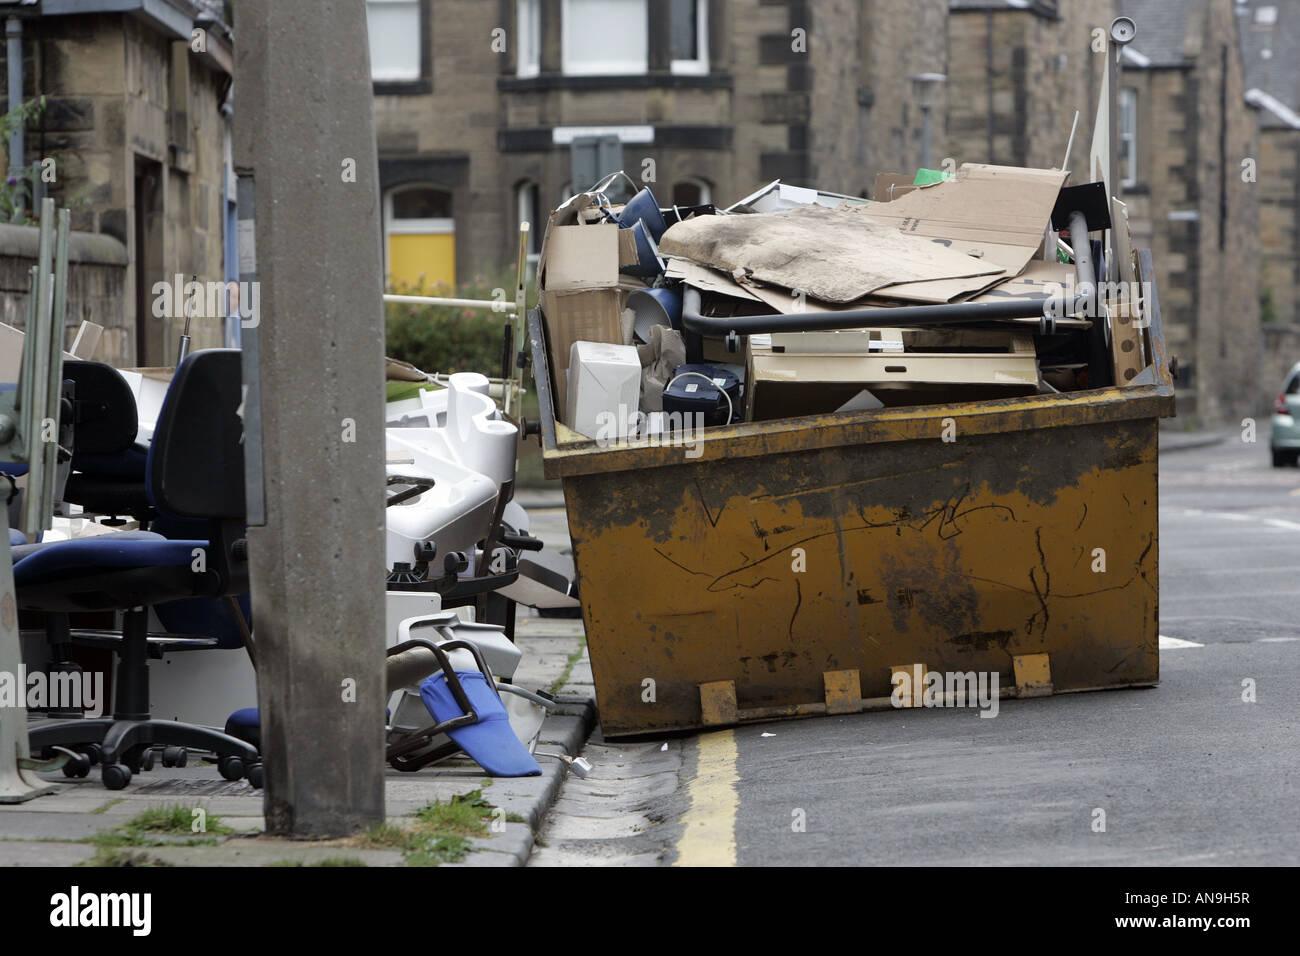 Plein d'un SKIP ET PLUS ruisselant de jeter le matériel de bureau Photo par Gary Doak Photo Stock